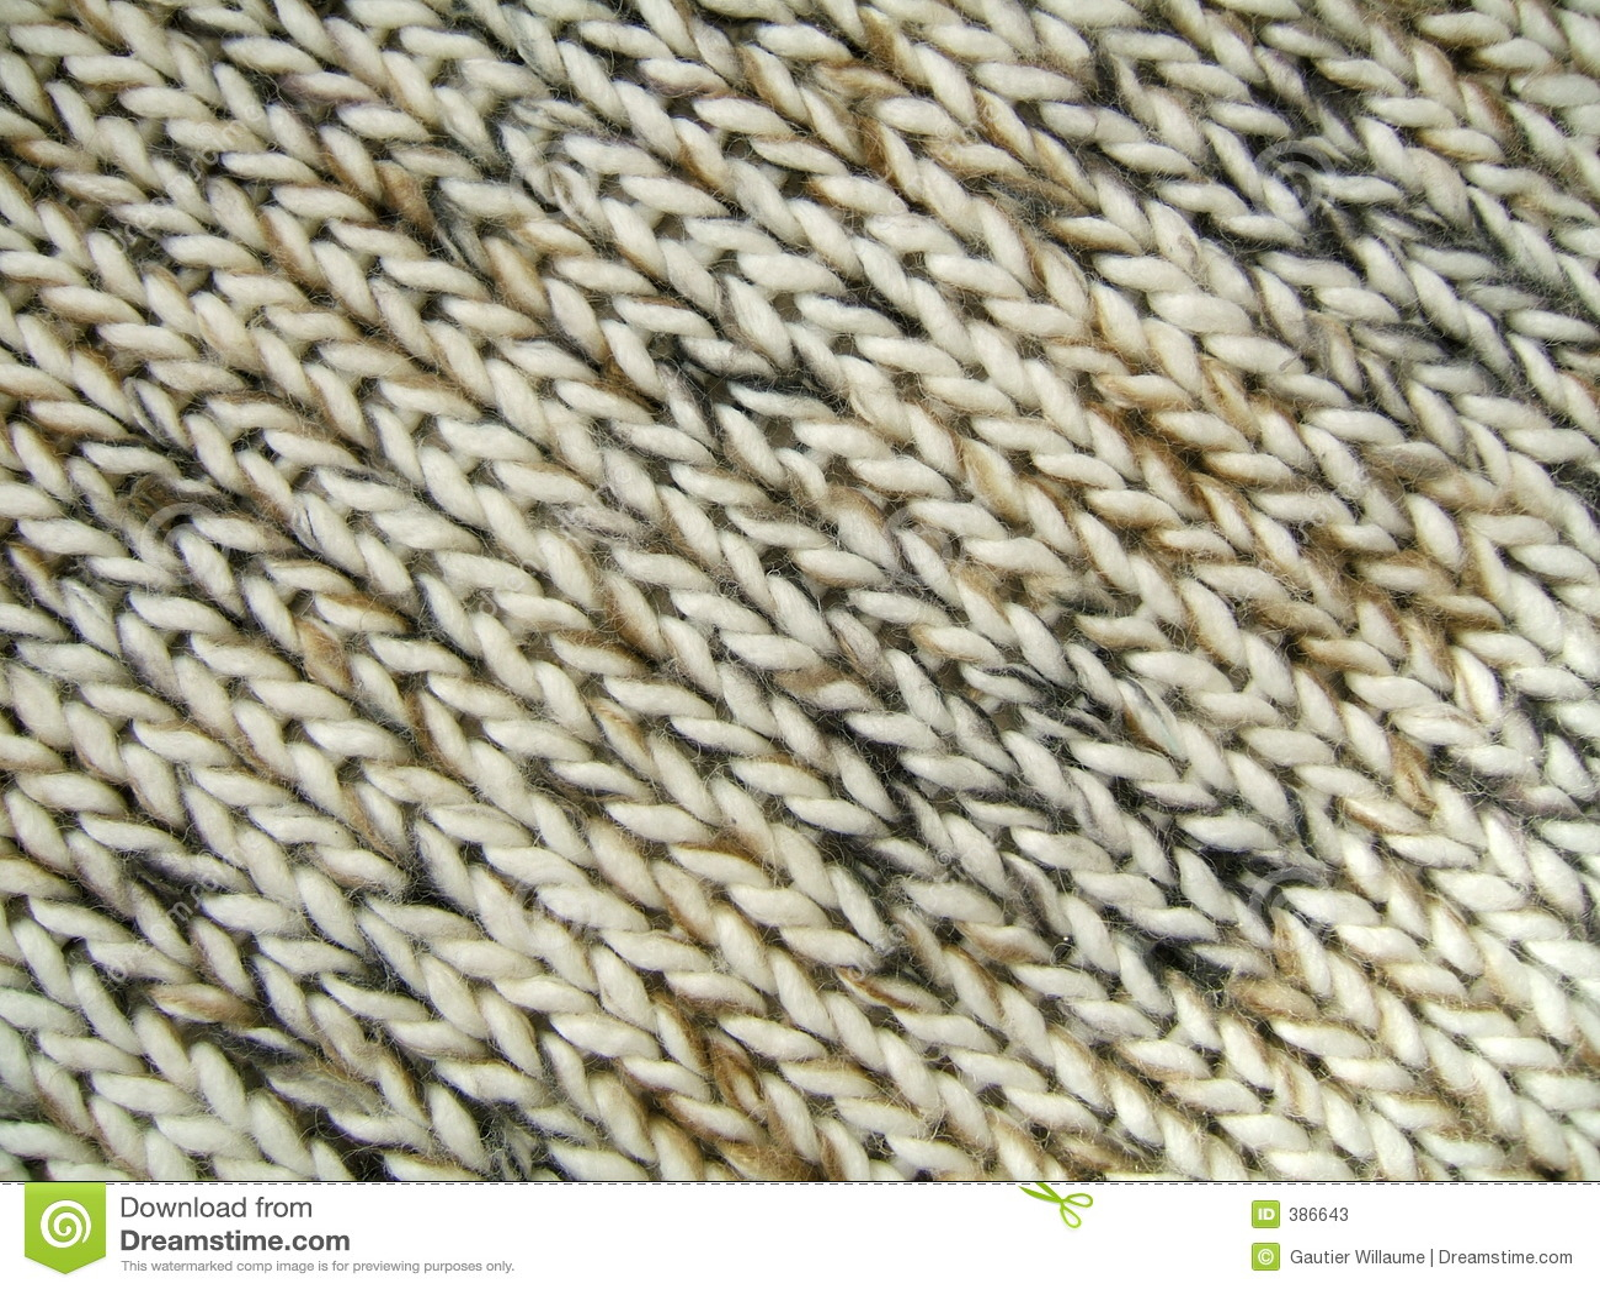 Configuration diagonale de laines